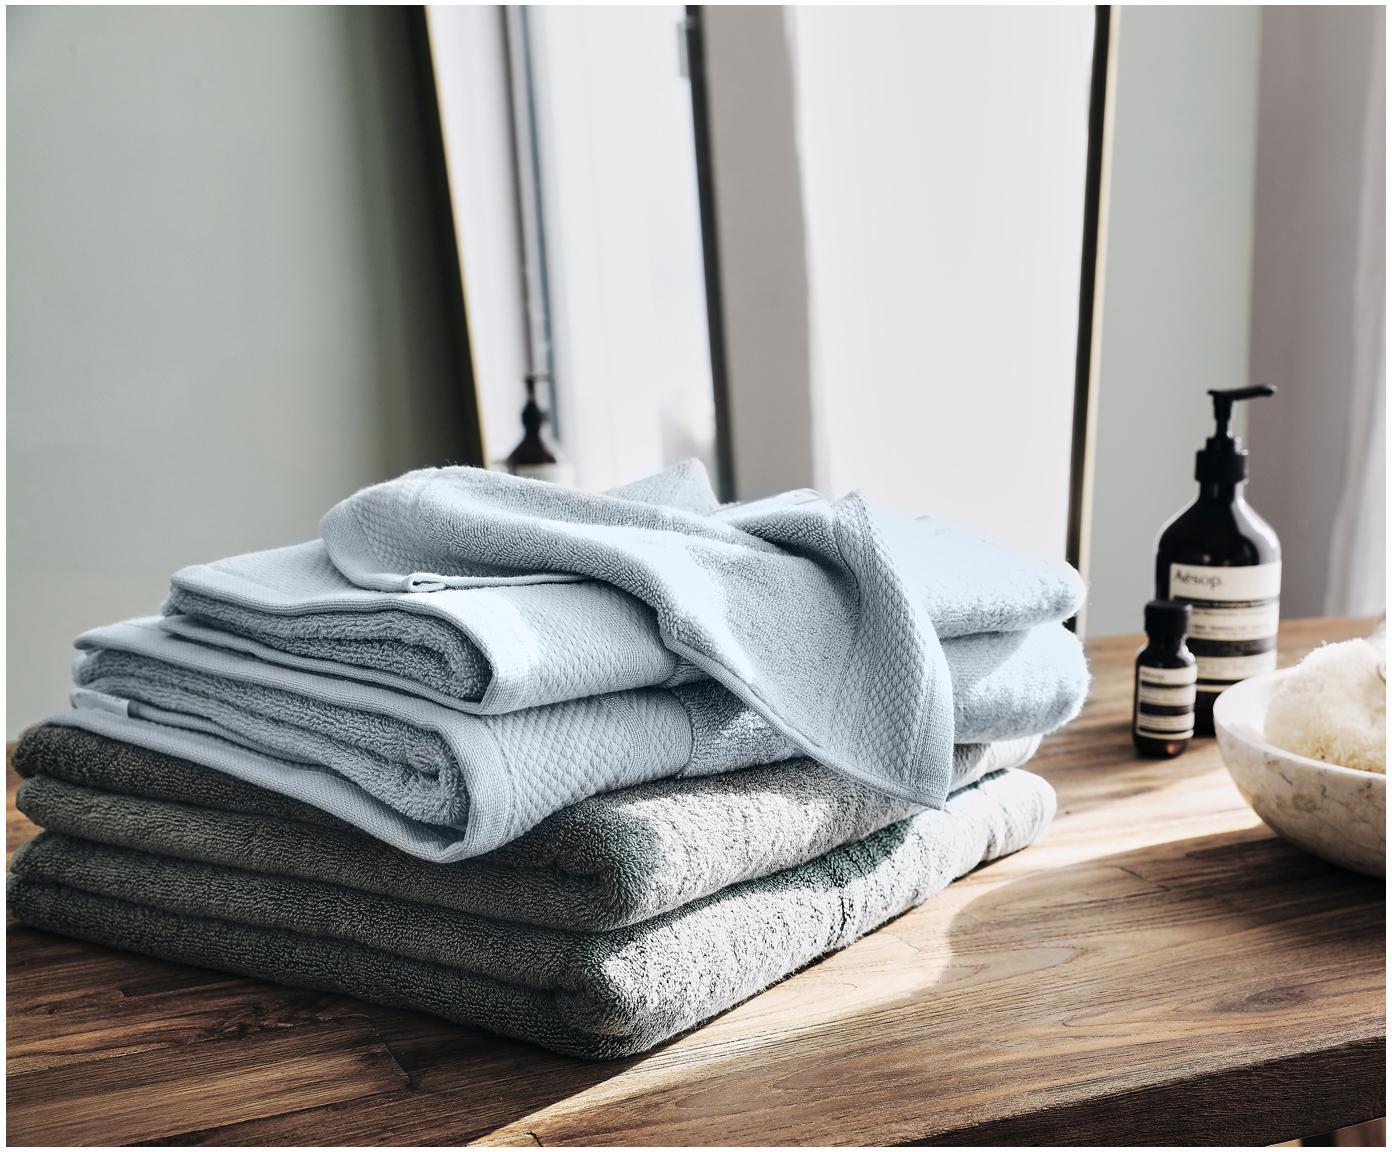 Handtuch Premium in verschiedenen Größen, mit klassischer Zierbordüre, Hellblau, XS Gästehandtuch